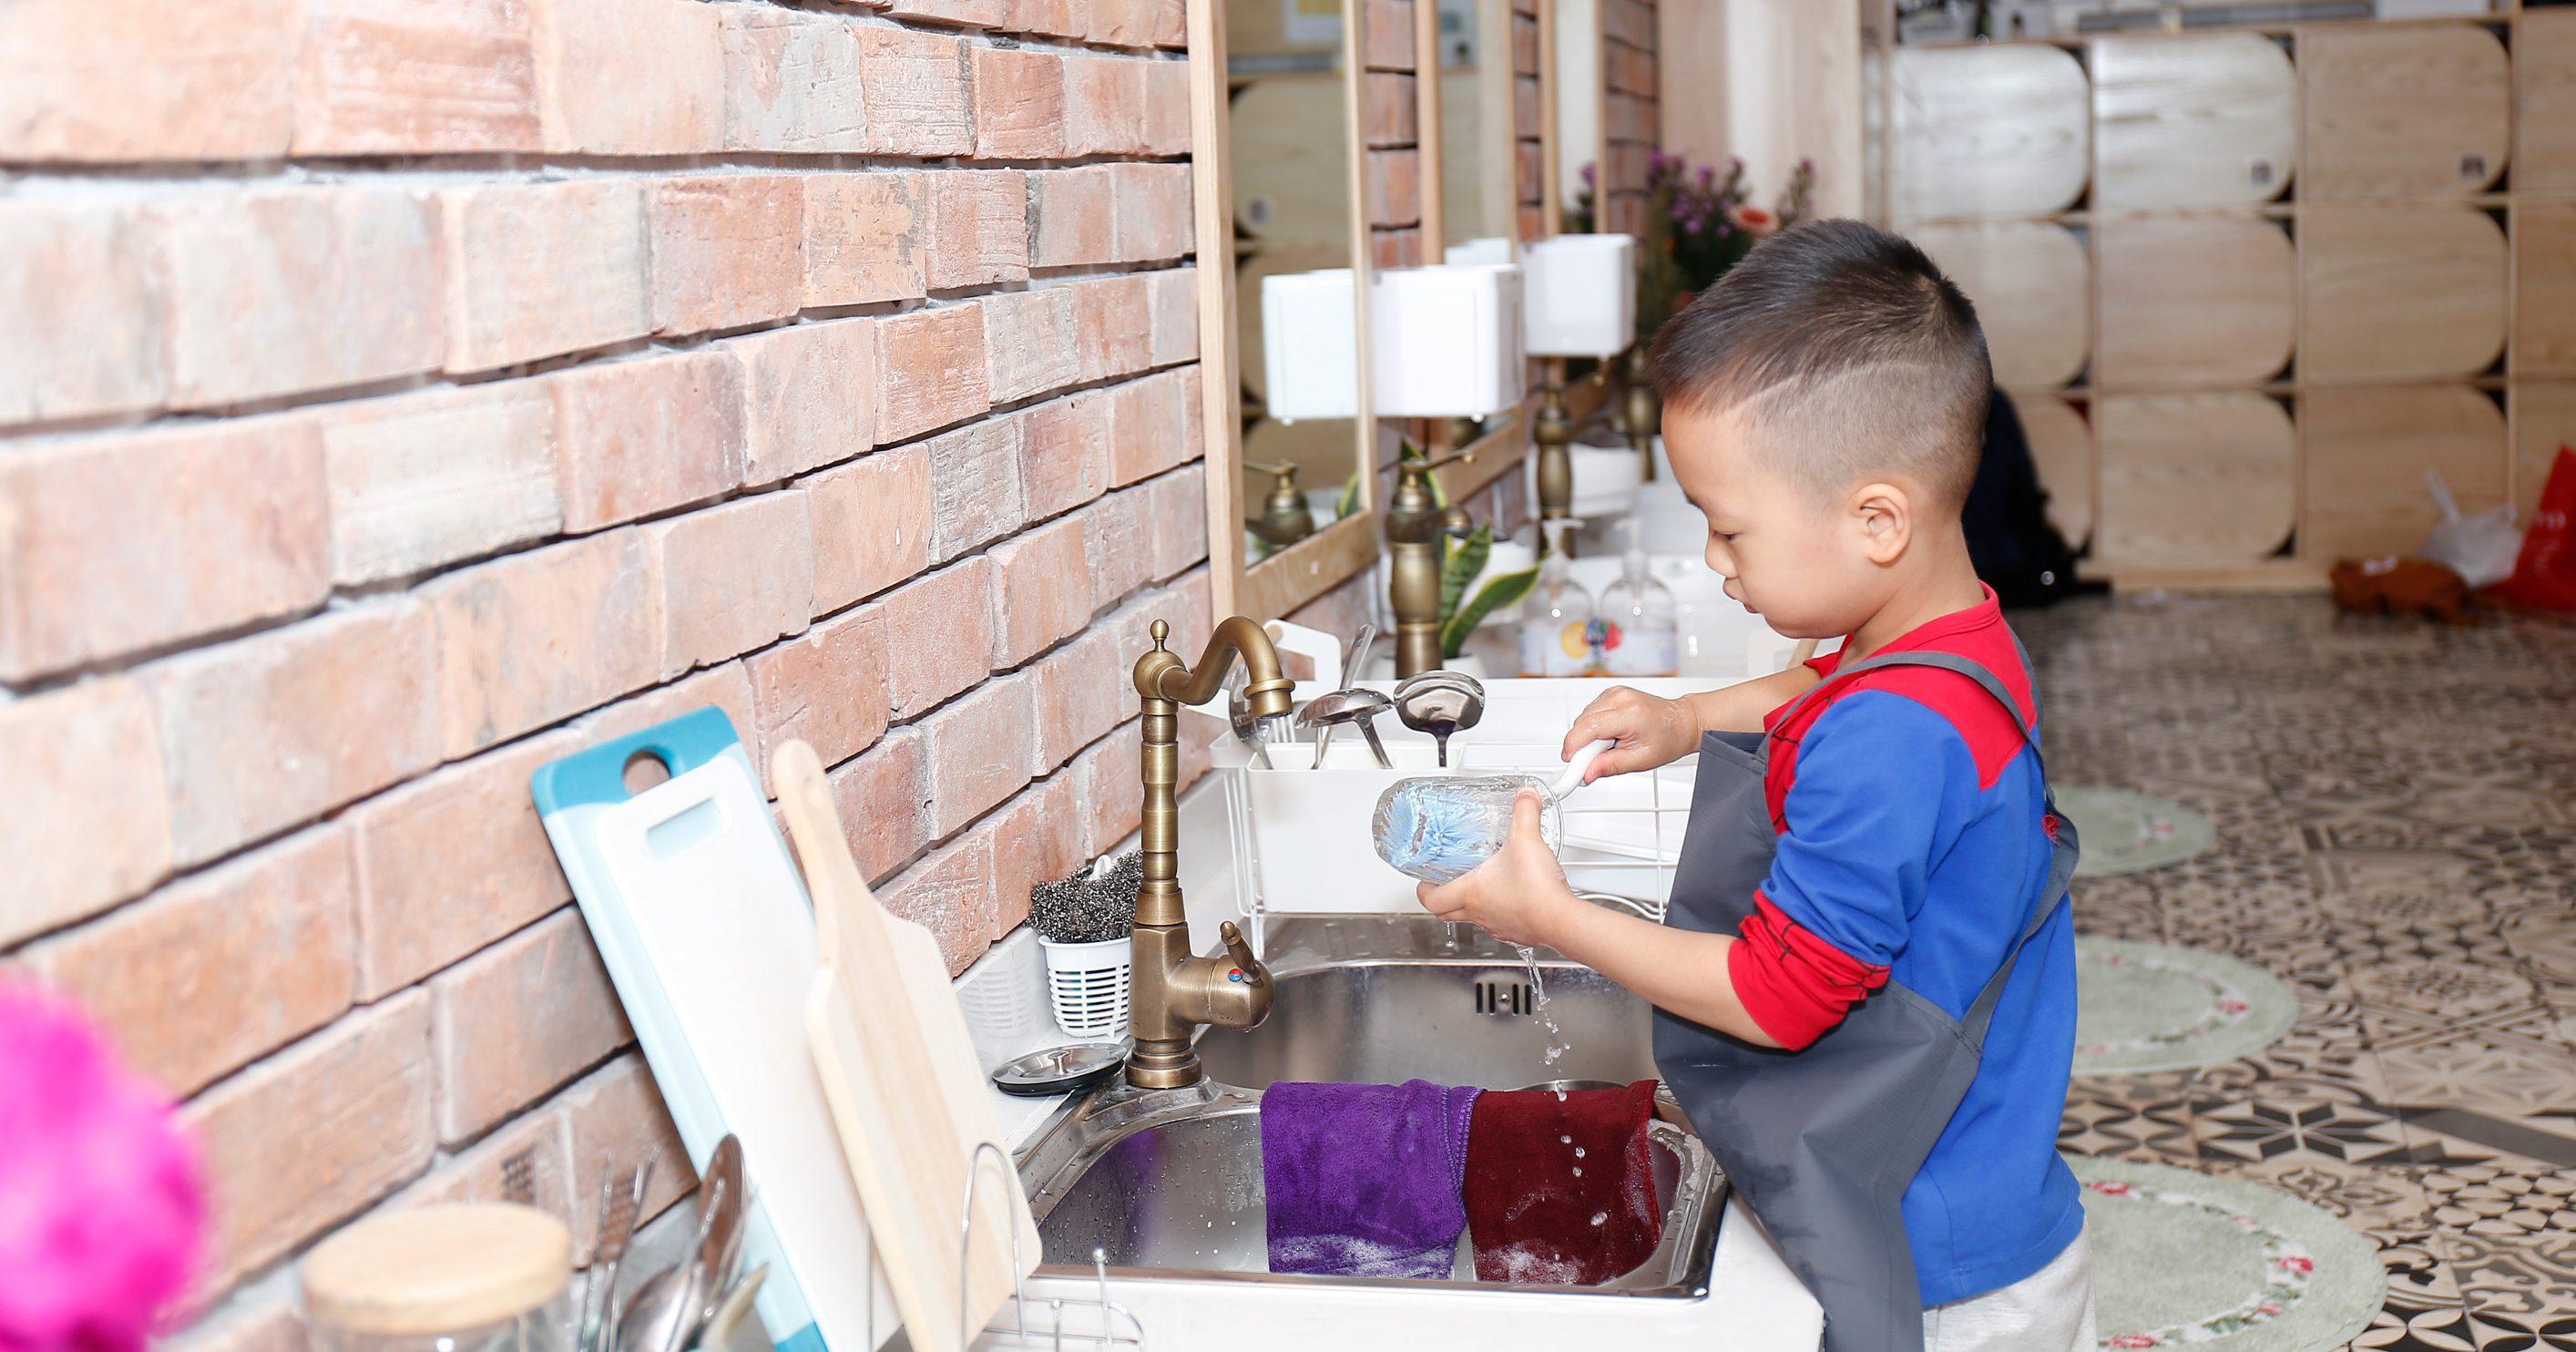 75 điều dễ dàng để nuôi dạy con theo phương pháp Montessori